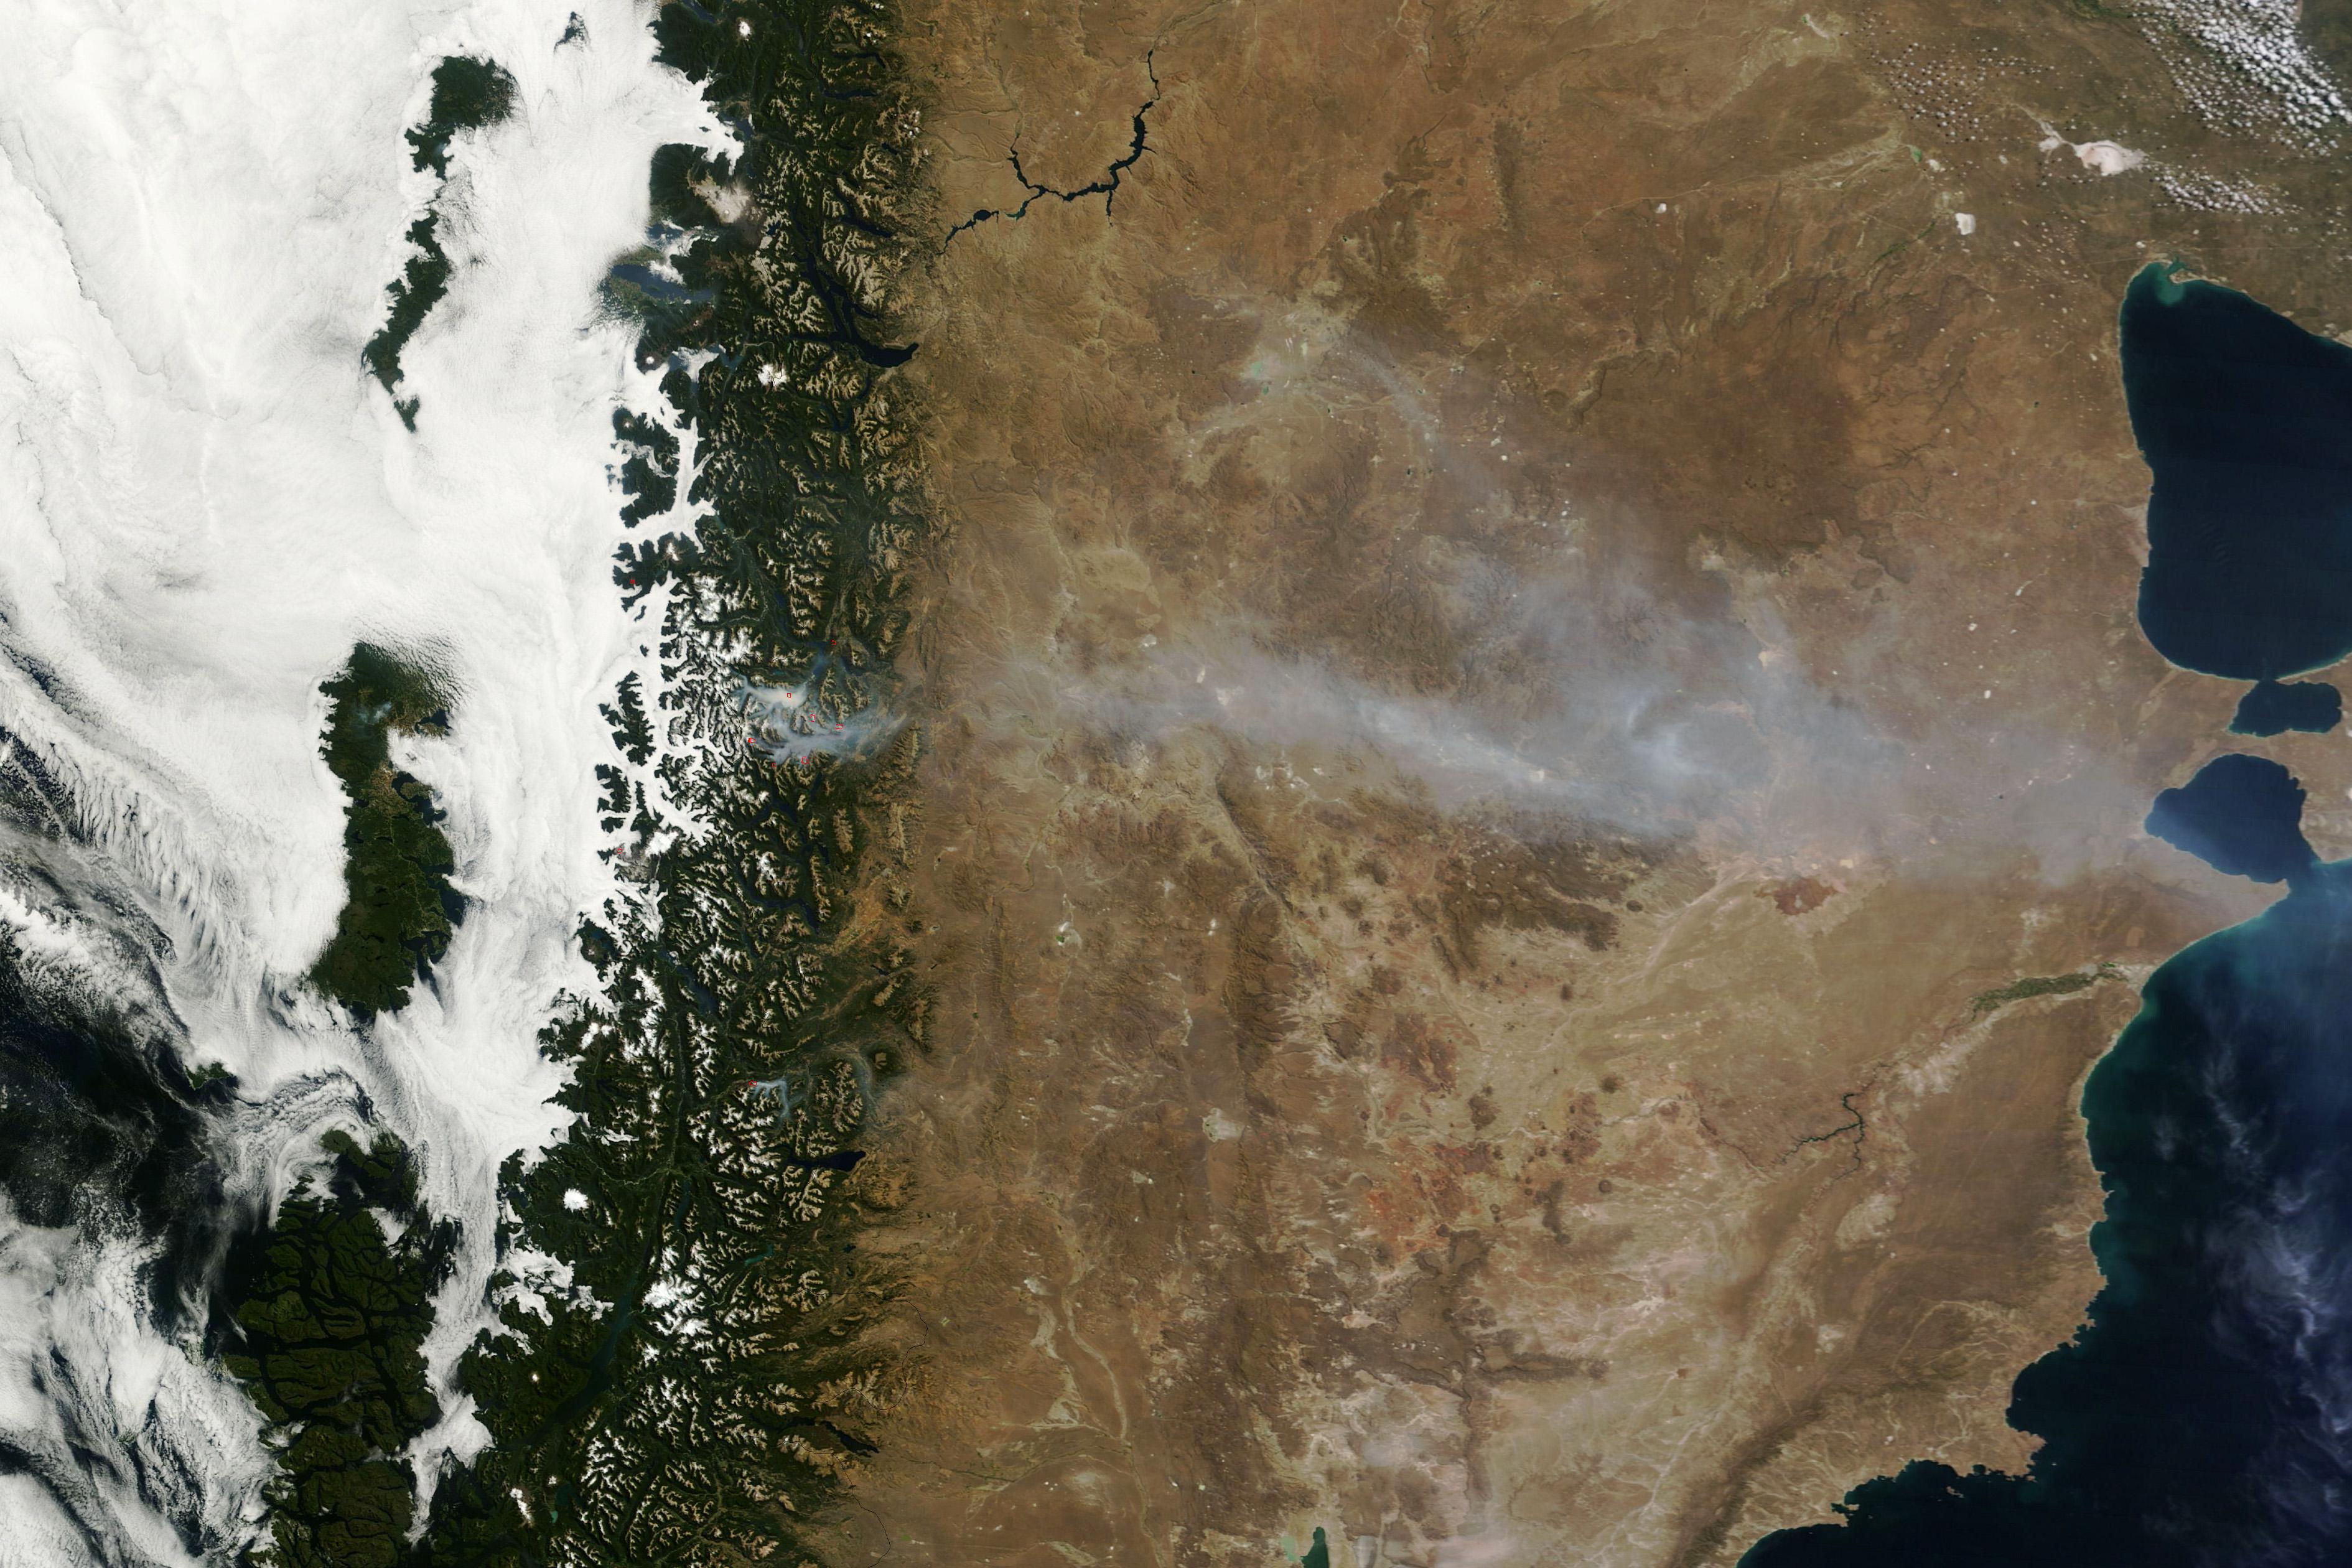 Incendio forestal en el sur de Argentina